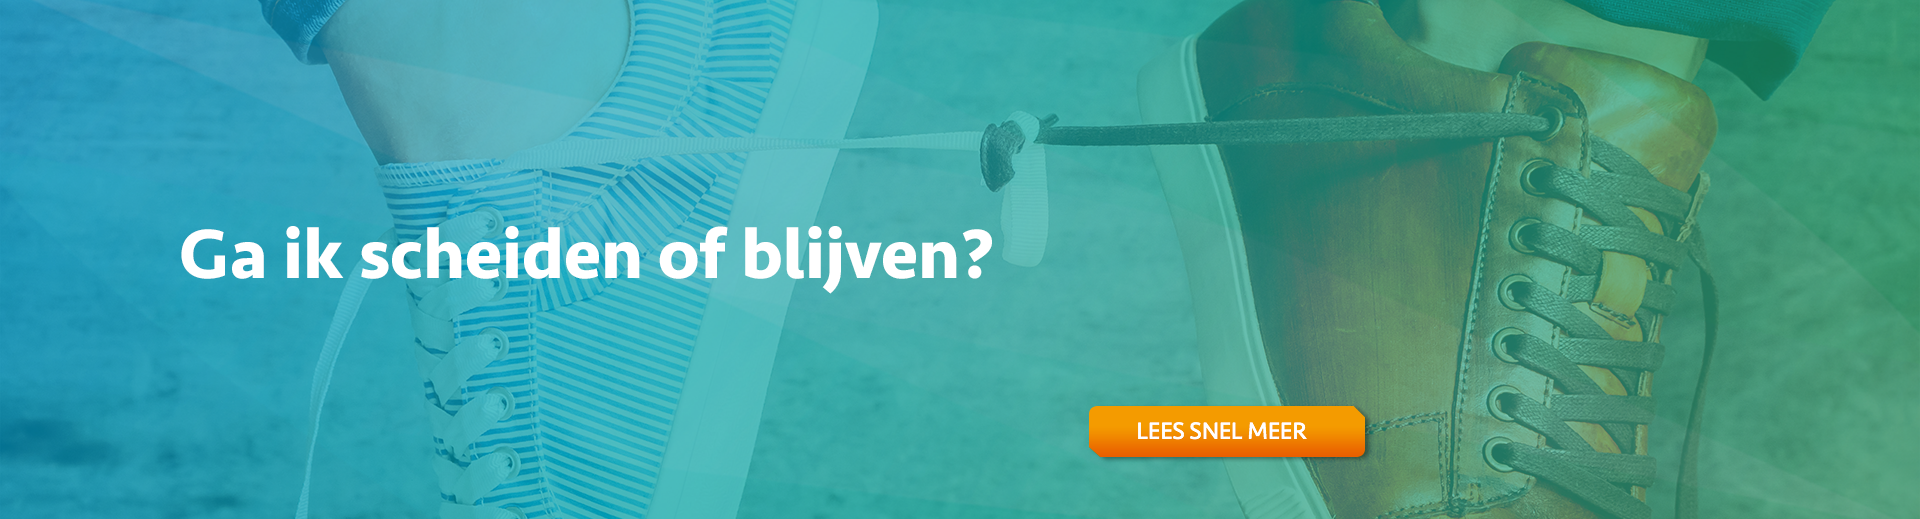 Scheiden of blijven? - Scheidingsplanner Hilversum - Bilthoven - Soest - Het Gooi